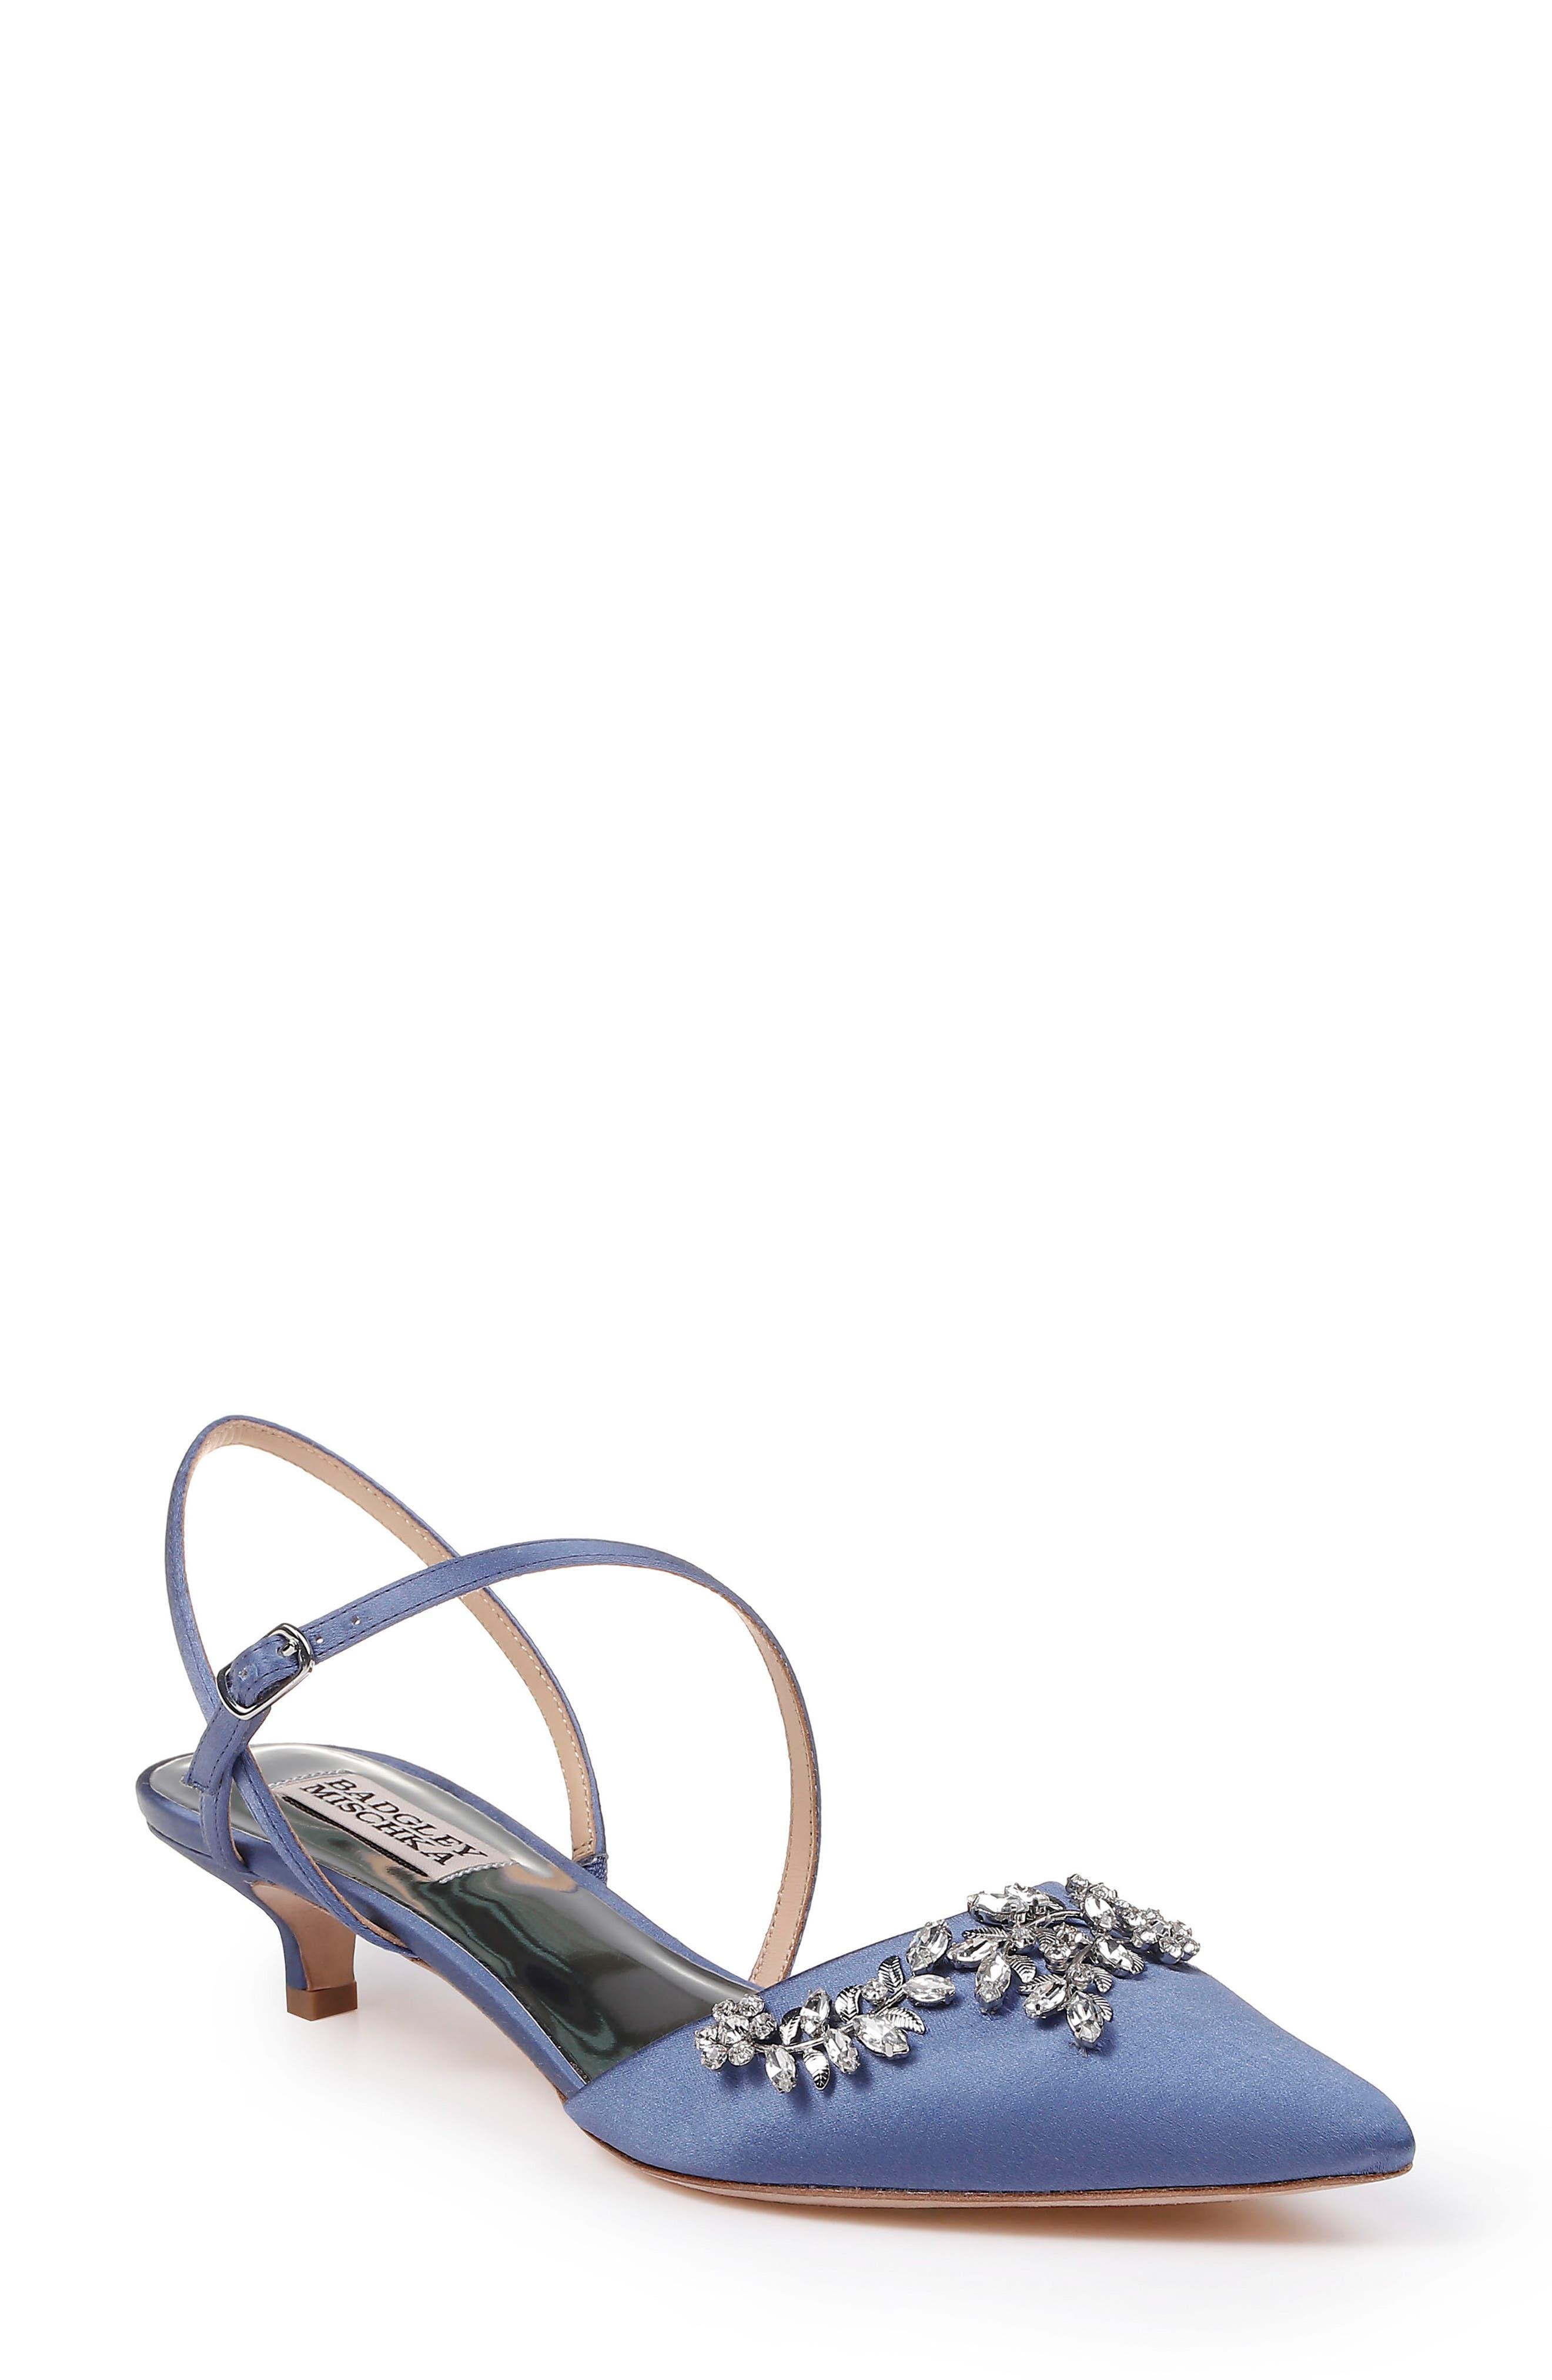 Badgley Mischka Crystal Embellished Quarter Strap Pump, Blue